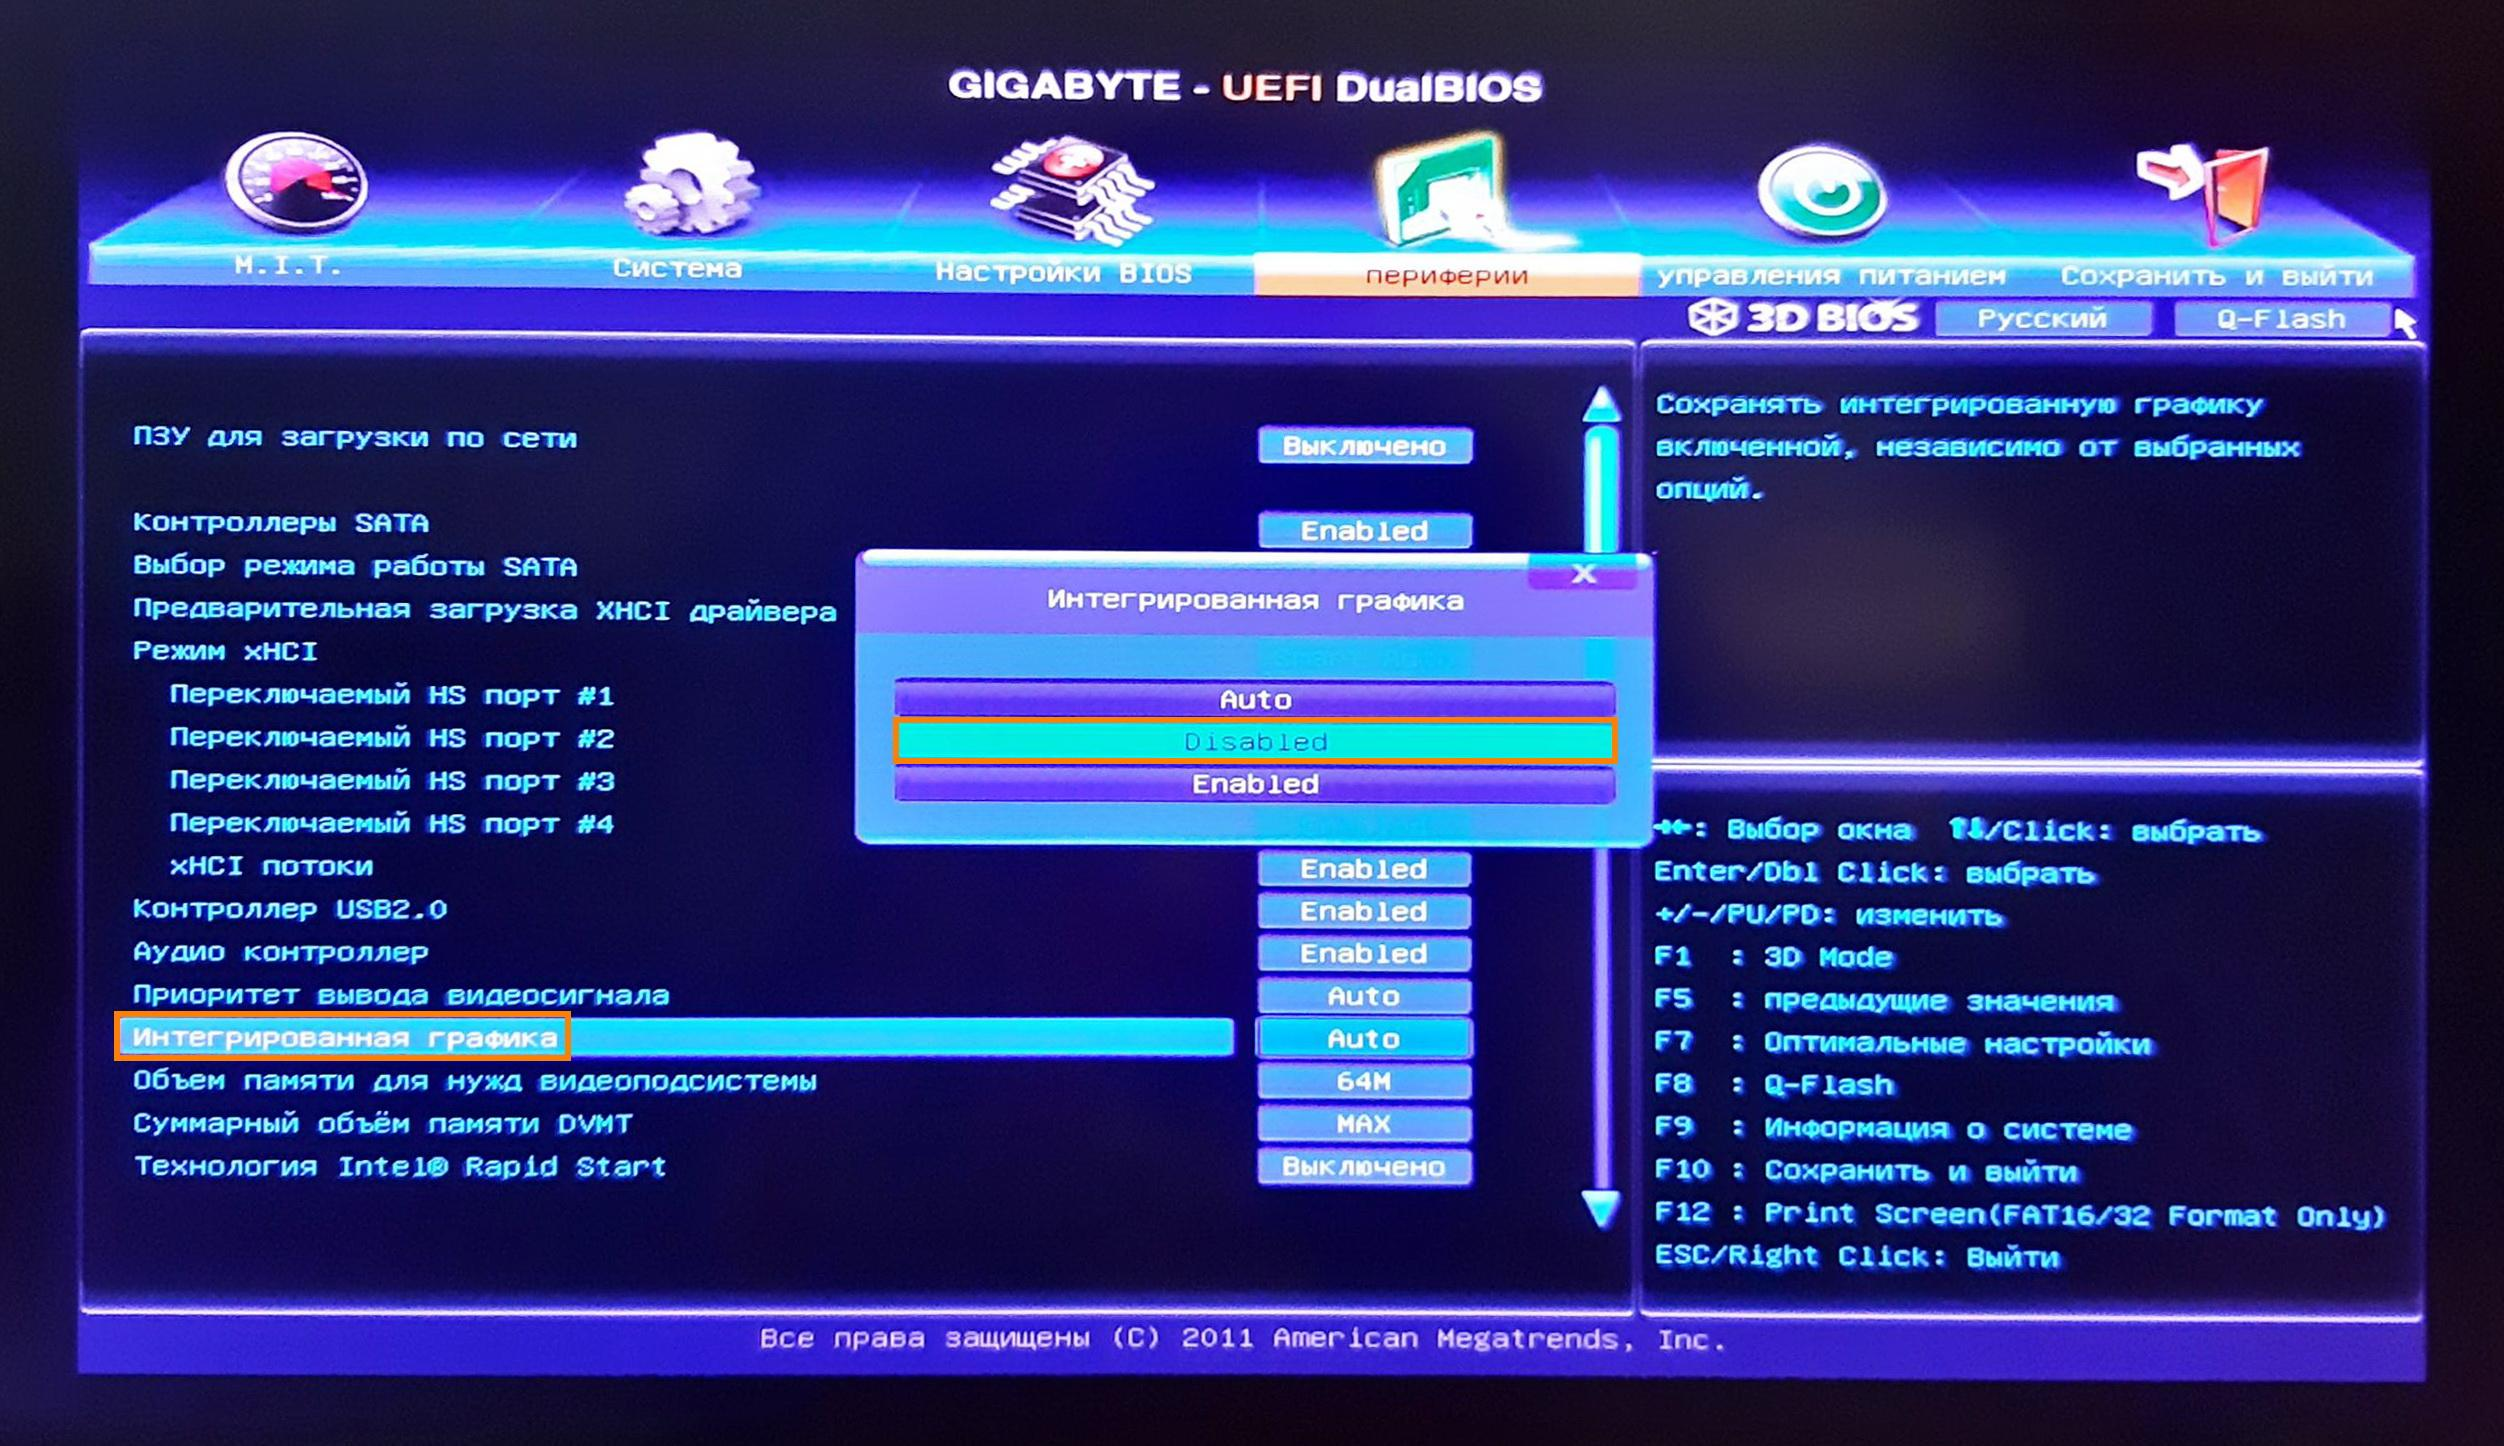 Отключение интегрированной графики в UEFI